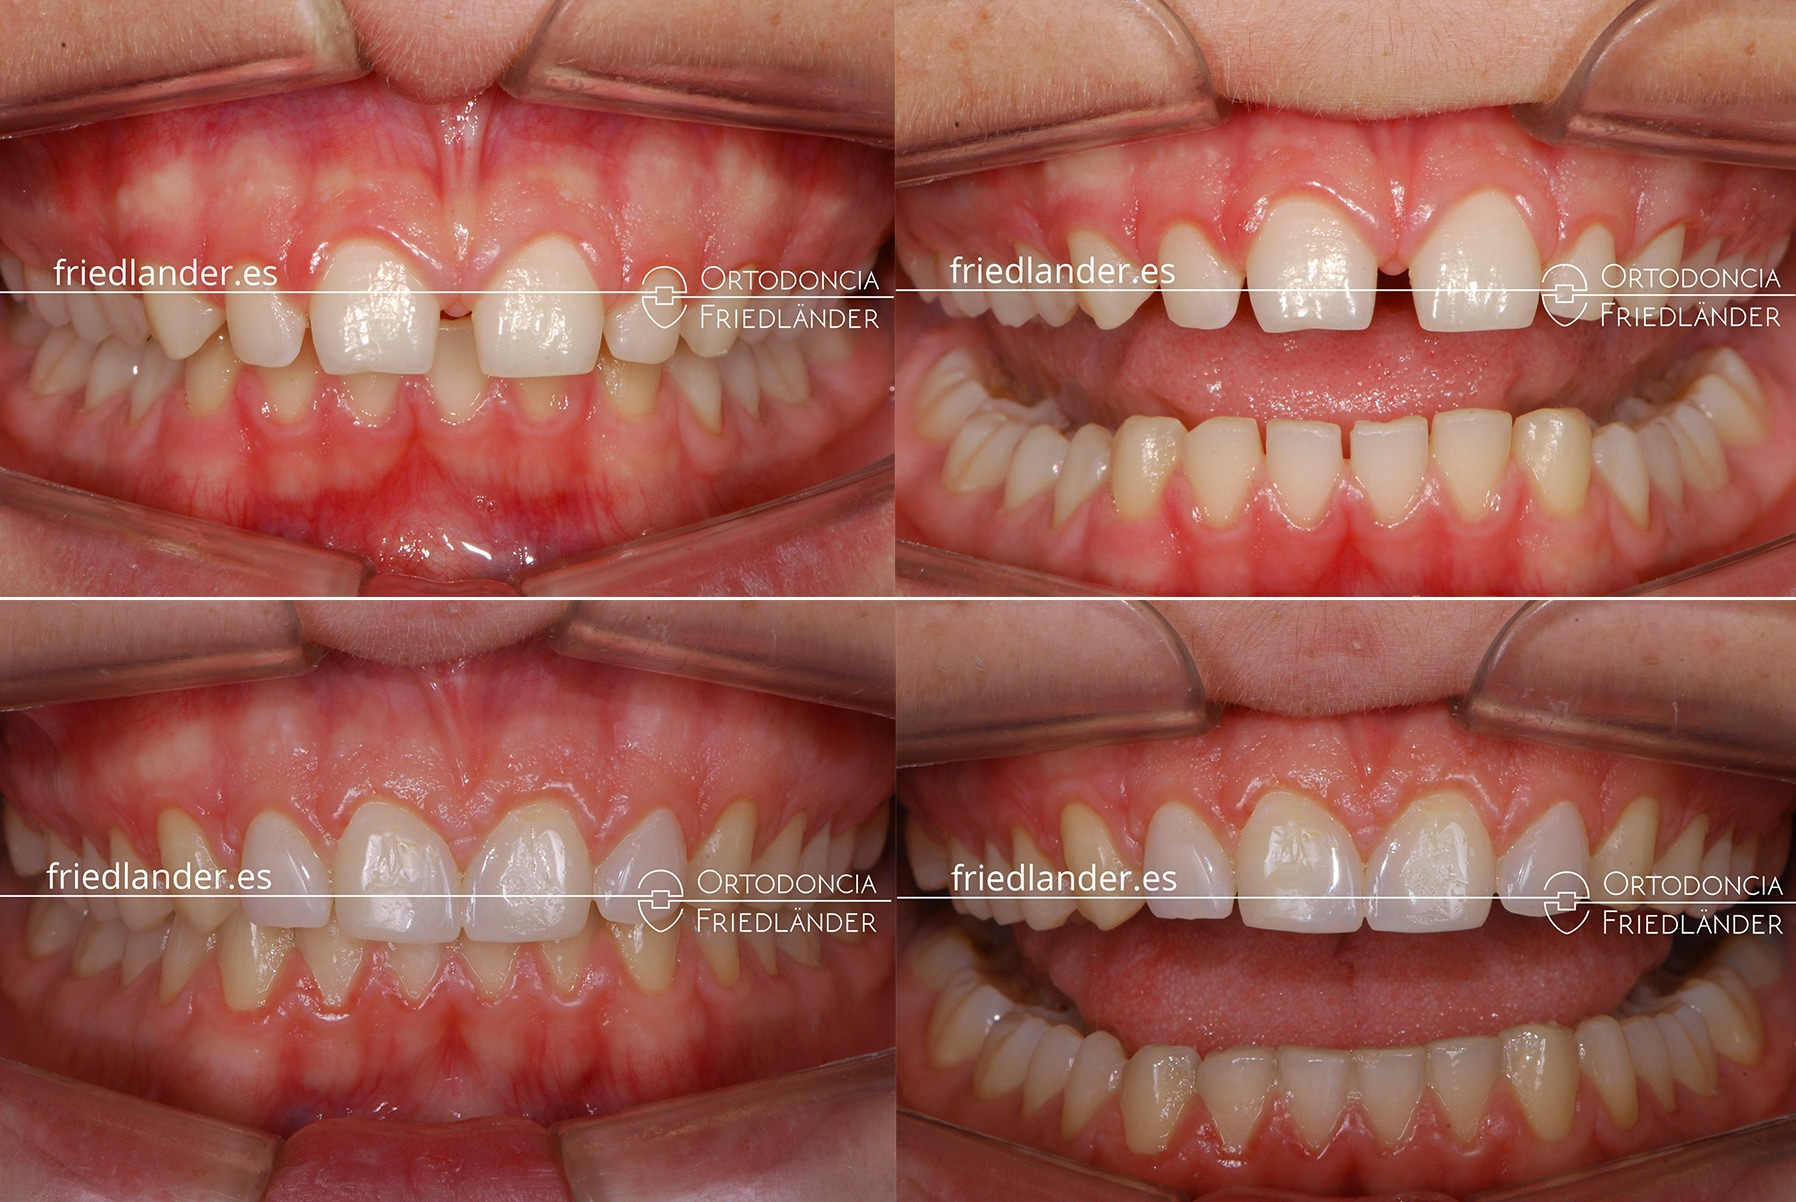 ortodoncia friedlander barcelona carillas laterales estetica antes despues